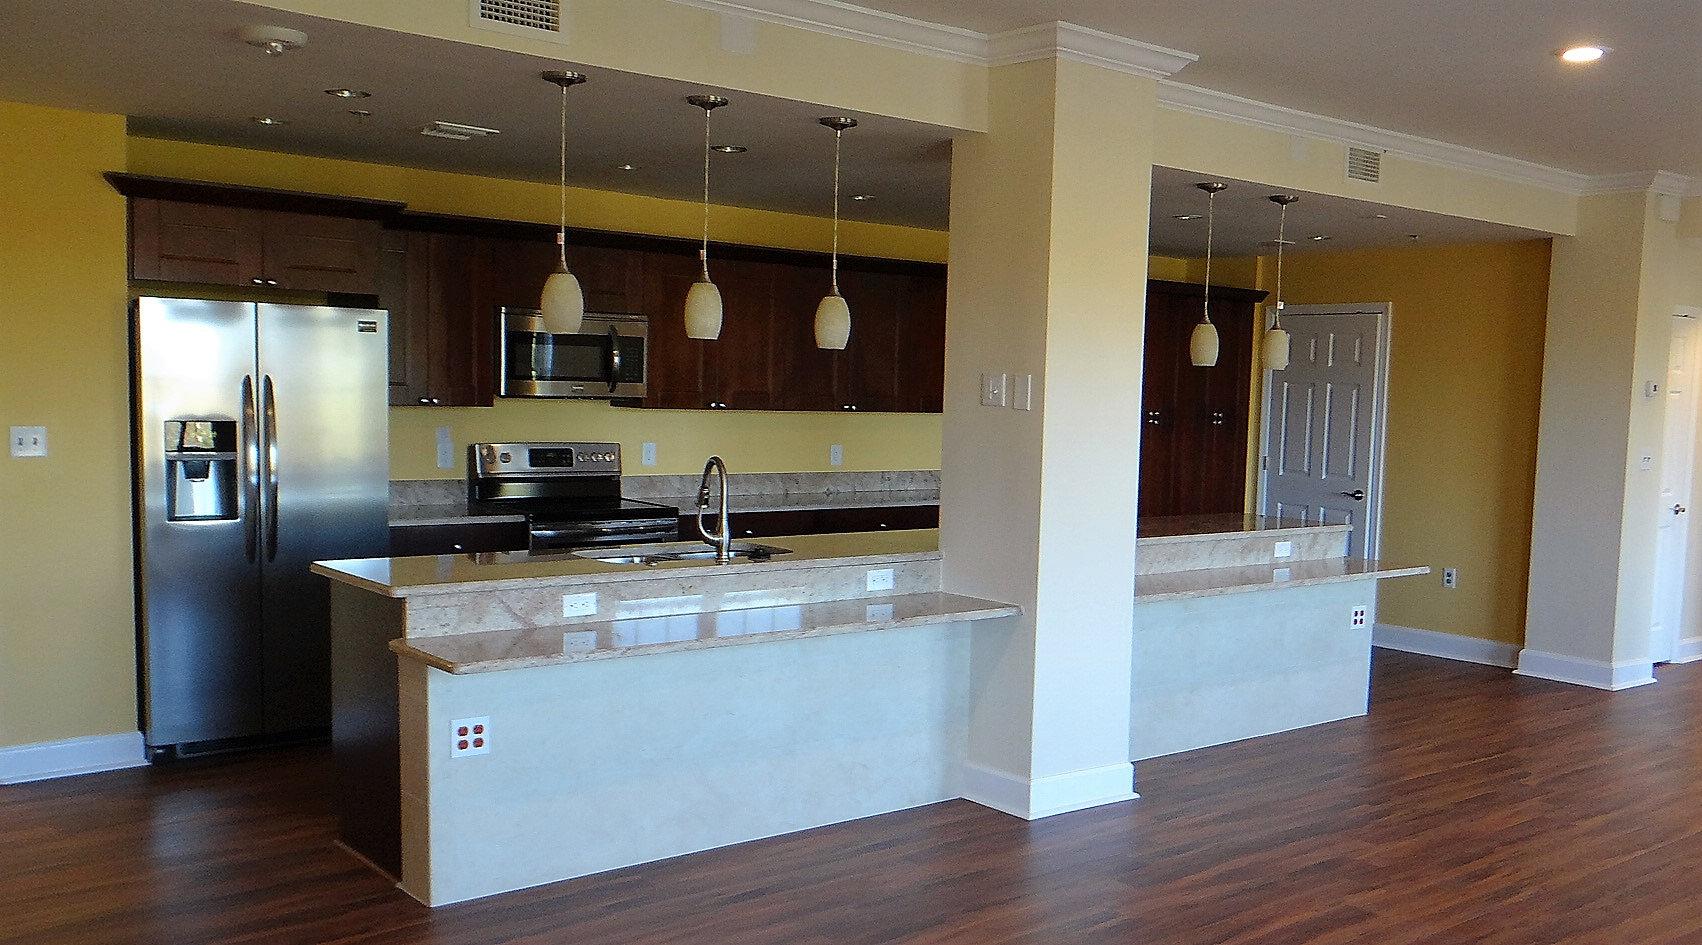 A O Kitchen And Bar